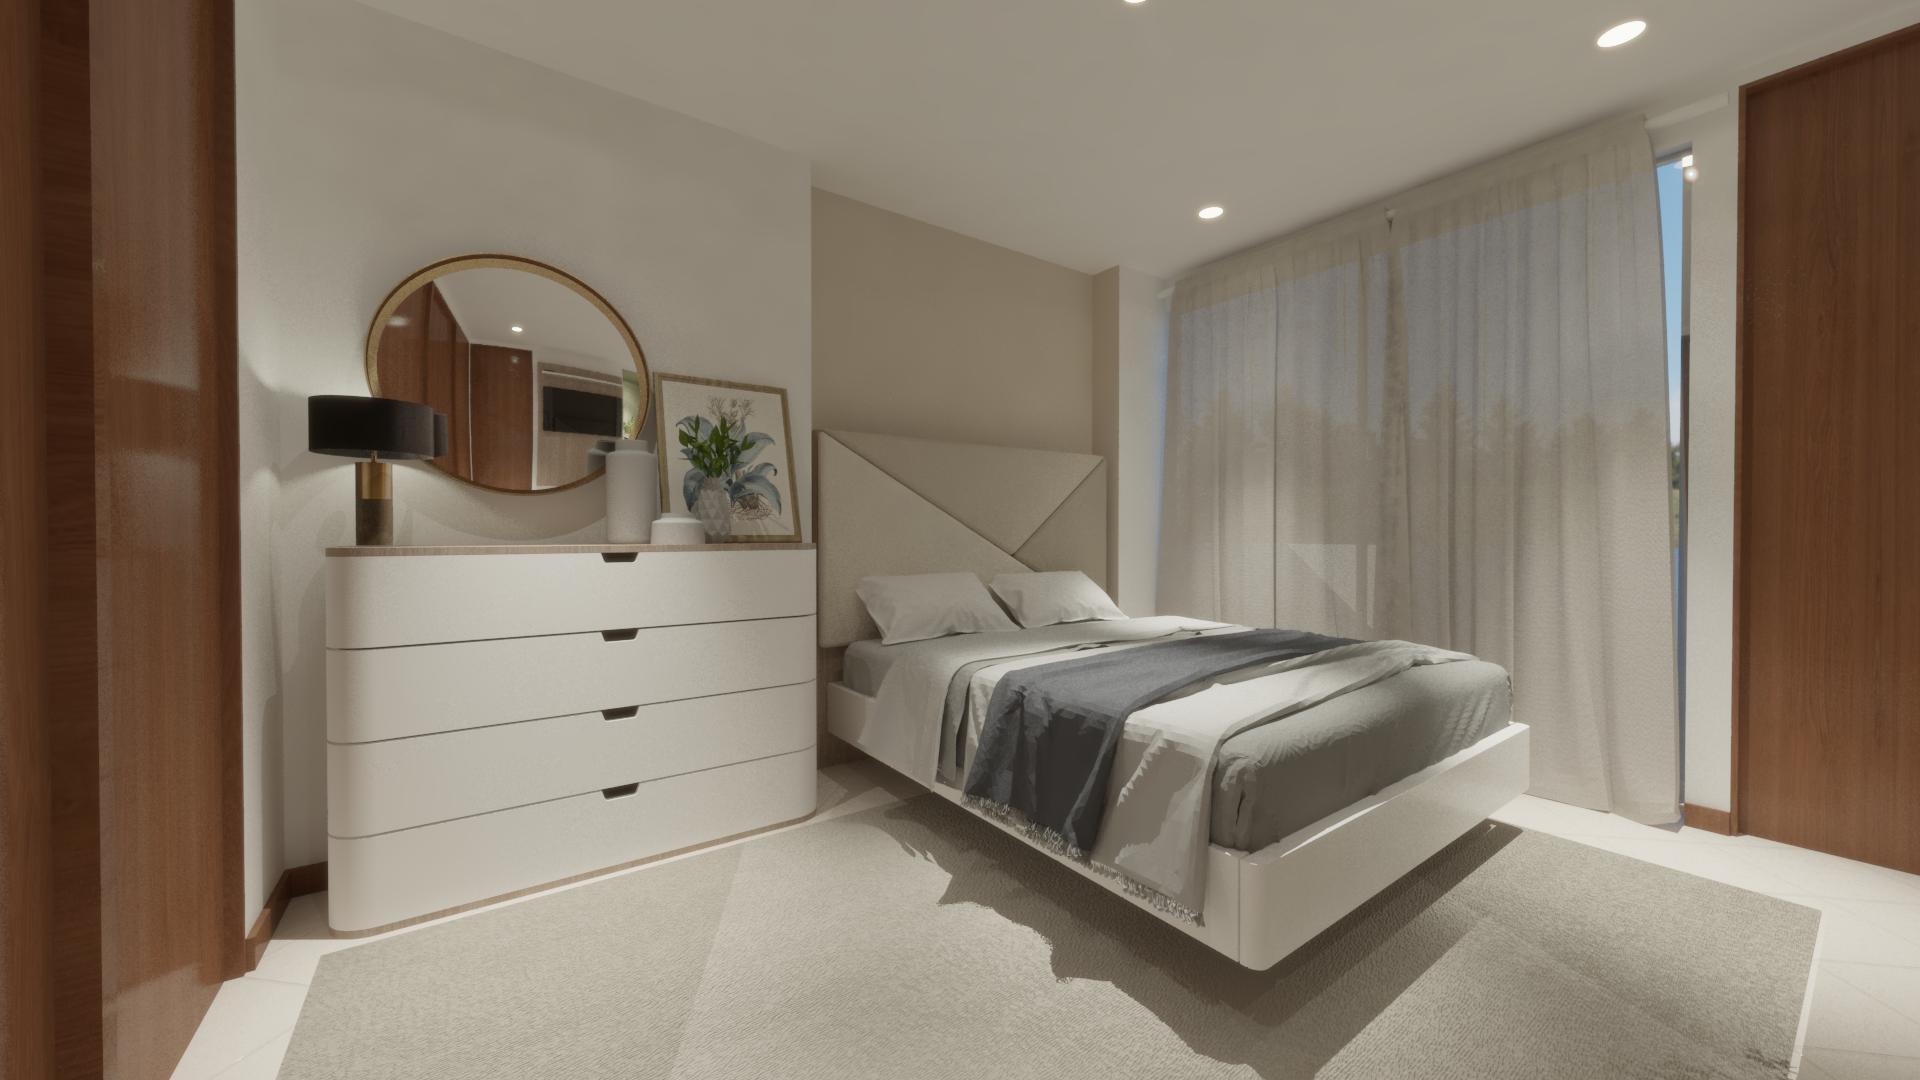 Asesoría Diseño de Interiores Premium